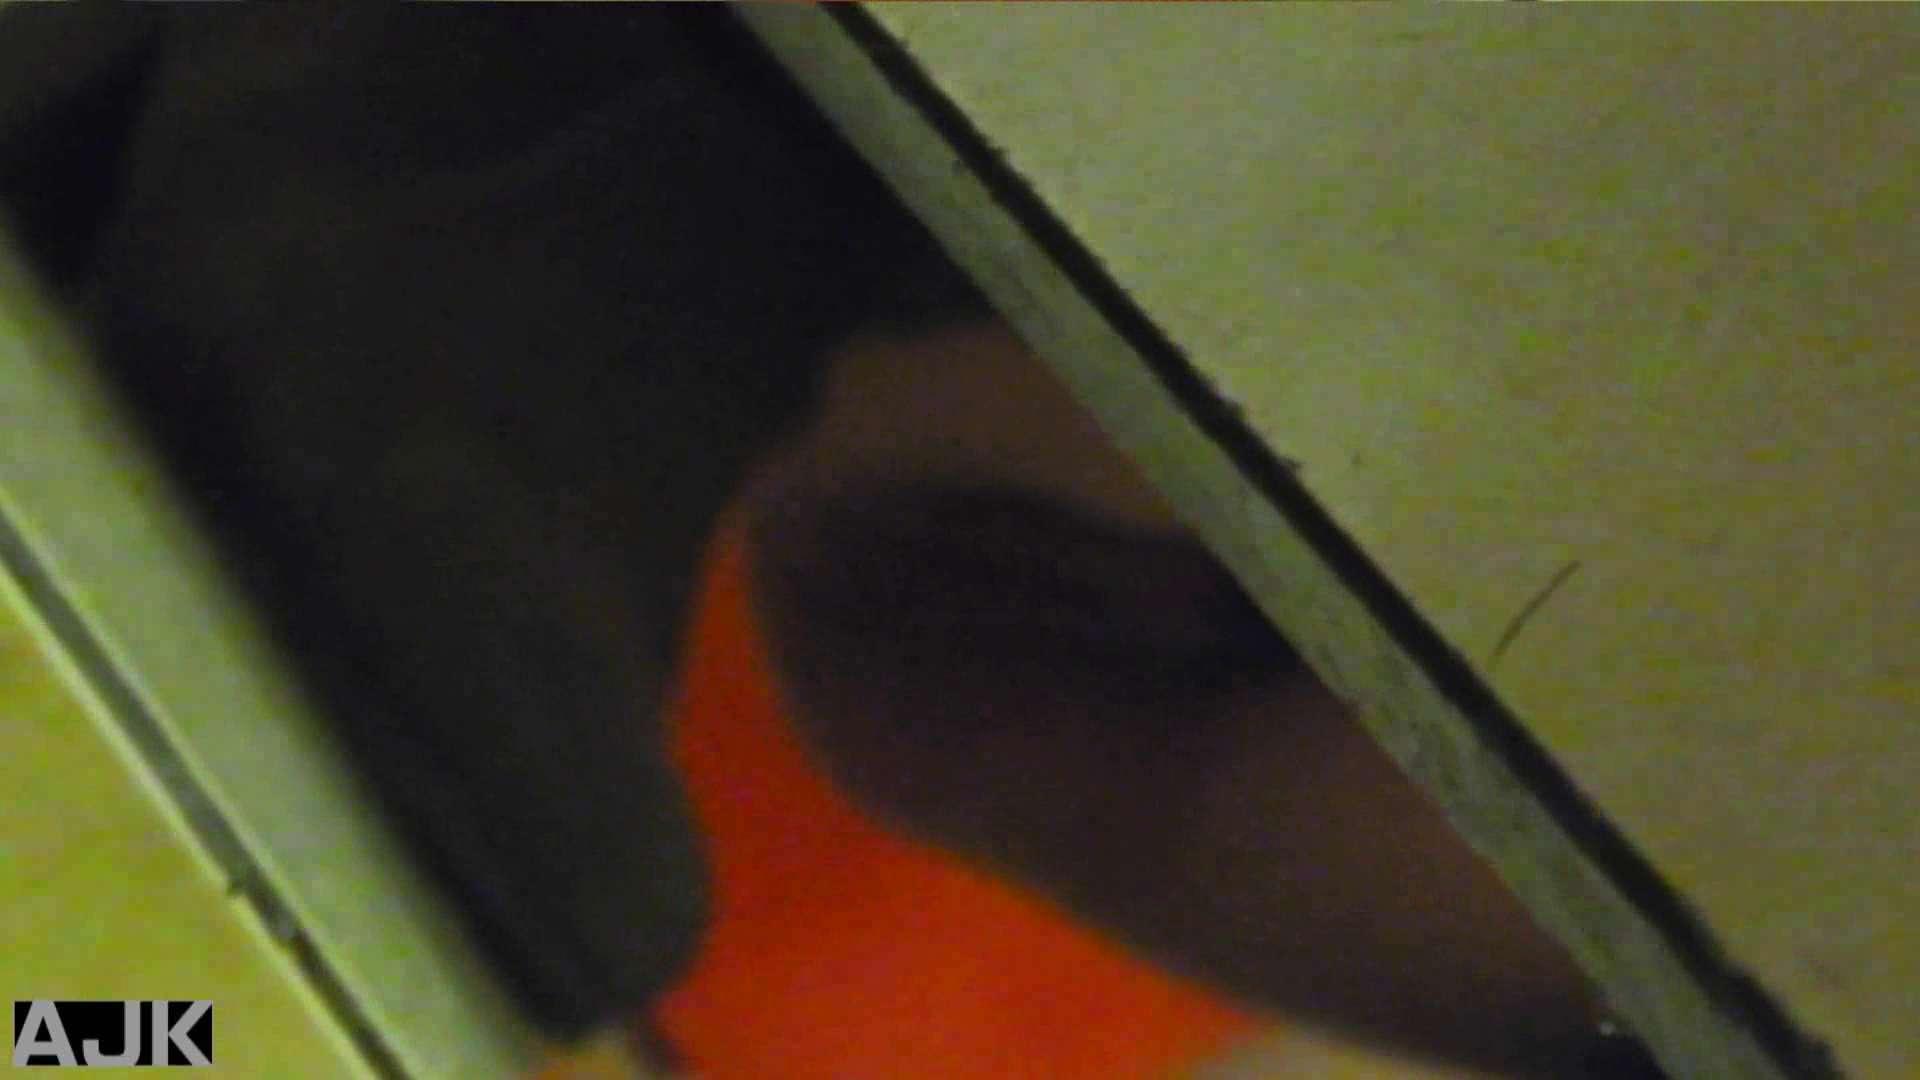 神降臨!史上最強の潜入かわや! vol.20 マンコ すけべAV動画紹介 92連発 67